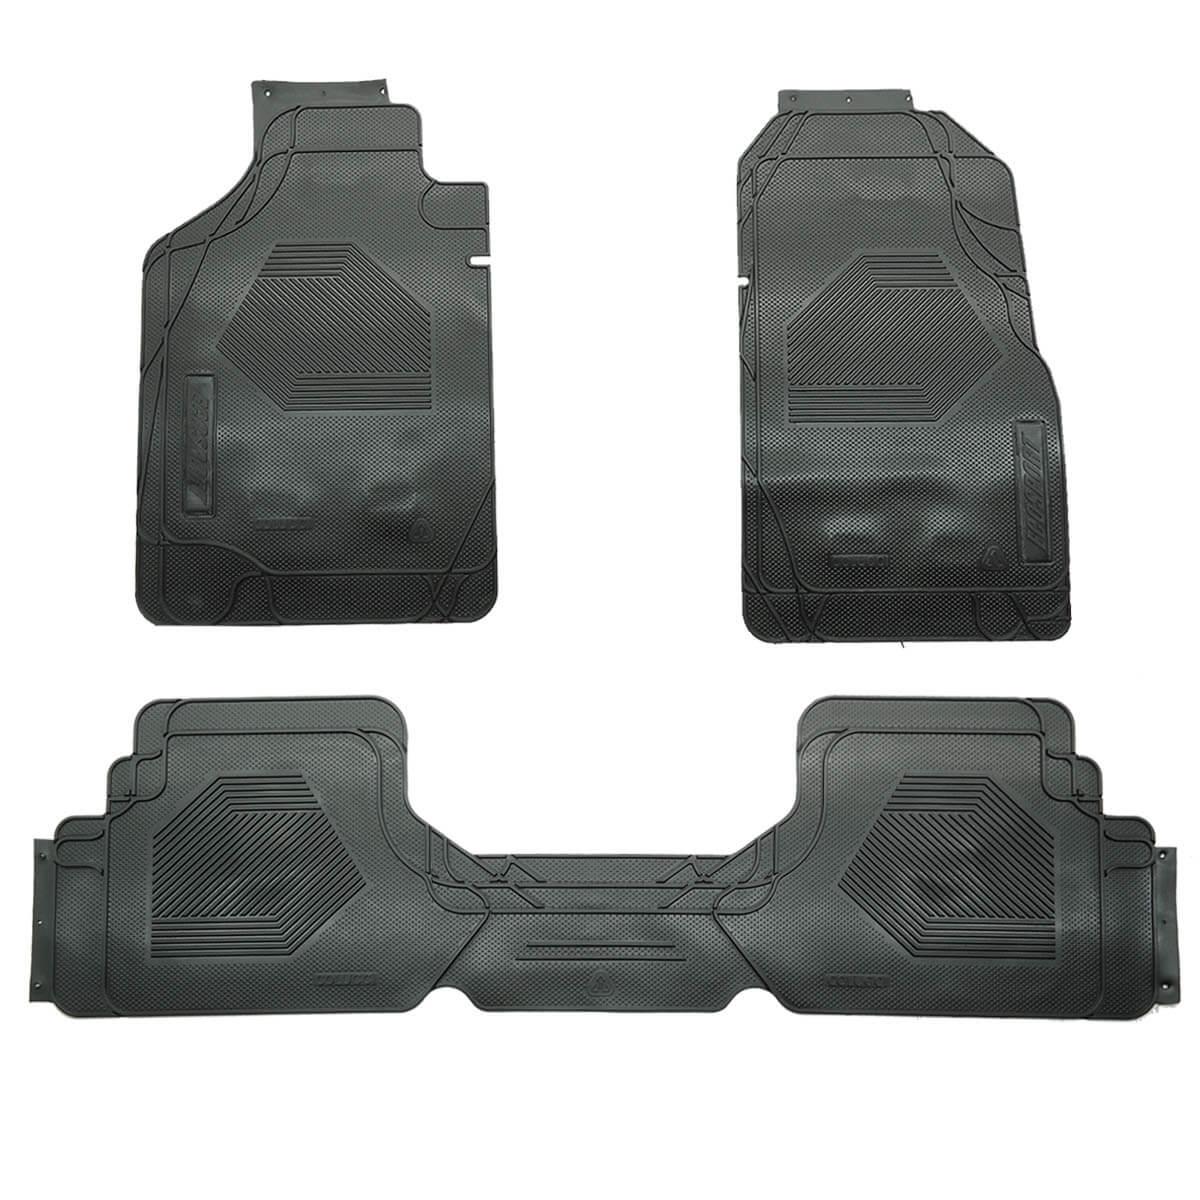 Tapete personalizado PVC flexível Ecosport 2003 a 2012